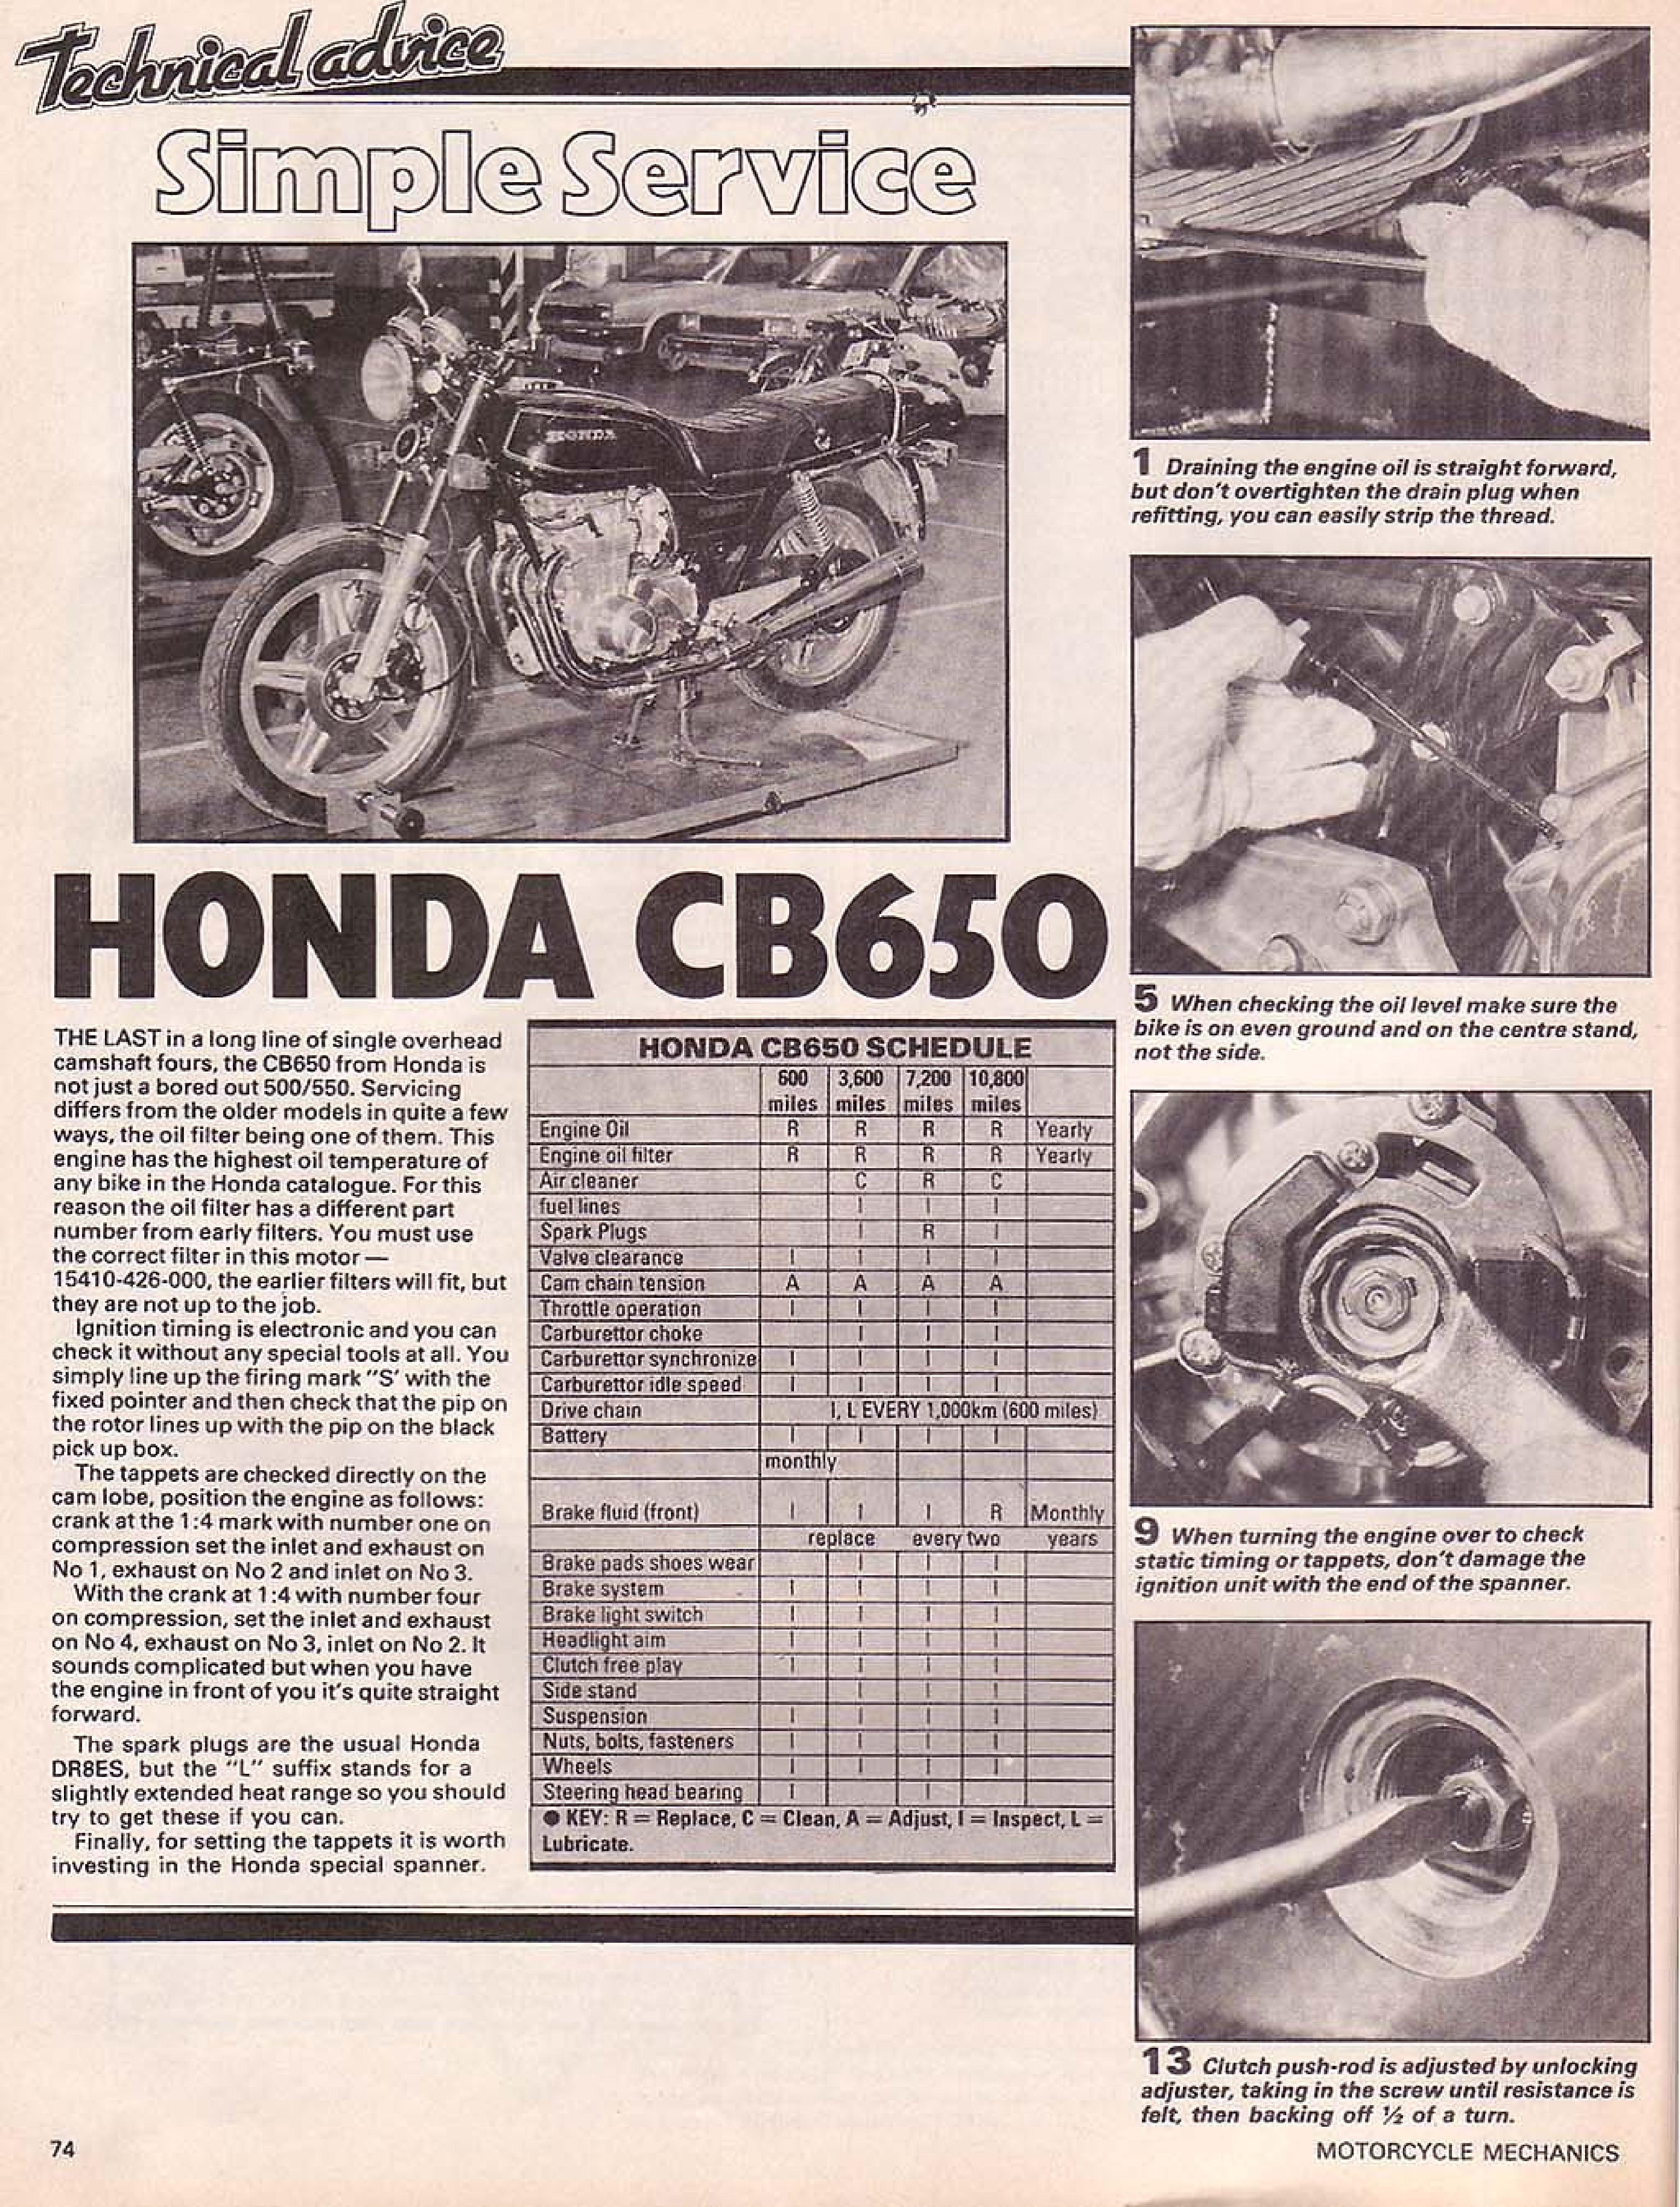 Motorcycle Mechanics about Honda CB650 (May 1981)